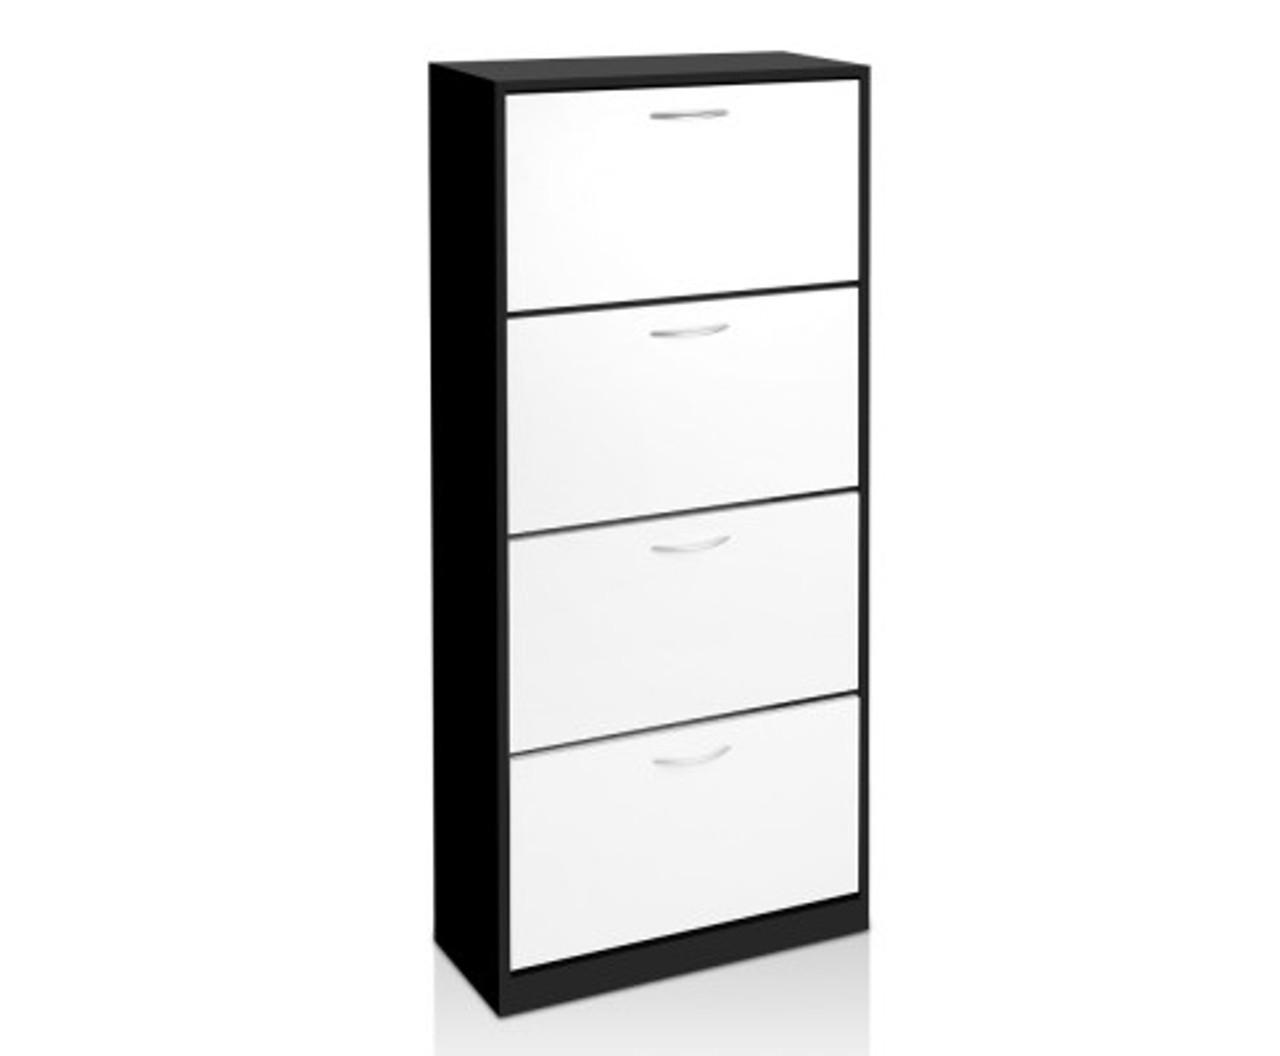 Surprising Stefan 4 Tier Mirror Shoe Cabinet Black Australias Download Free Architecture Designs Grimeyleaguecom